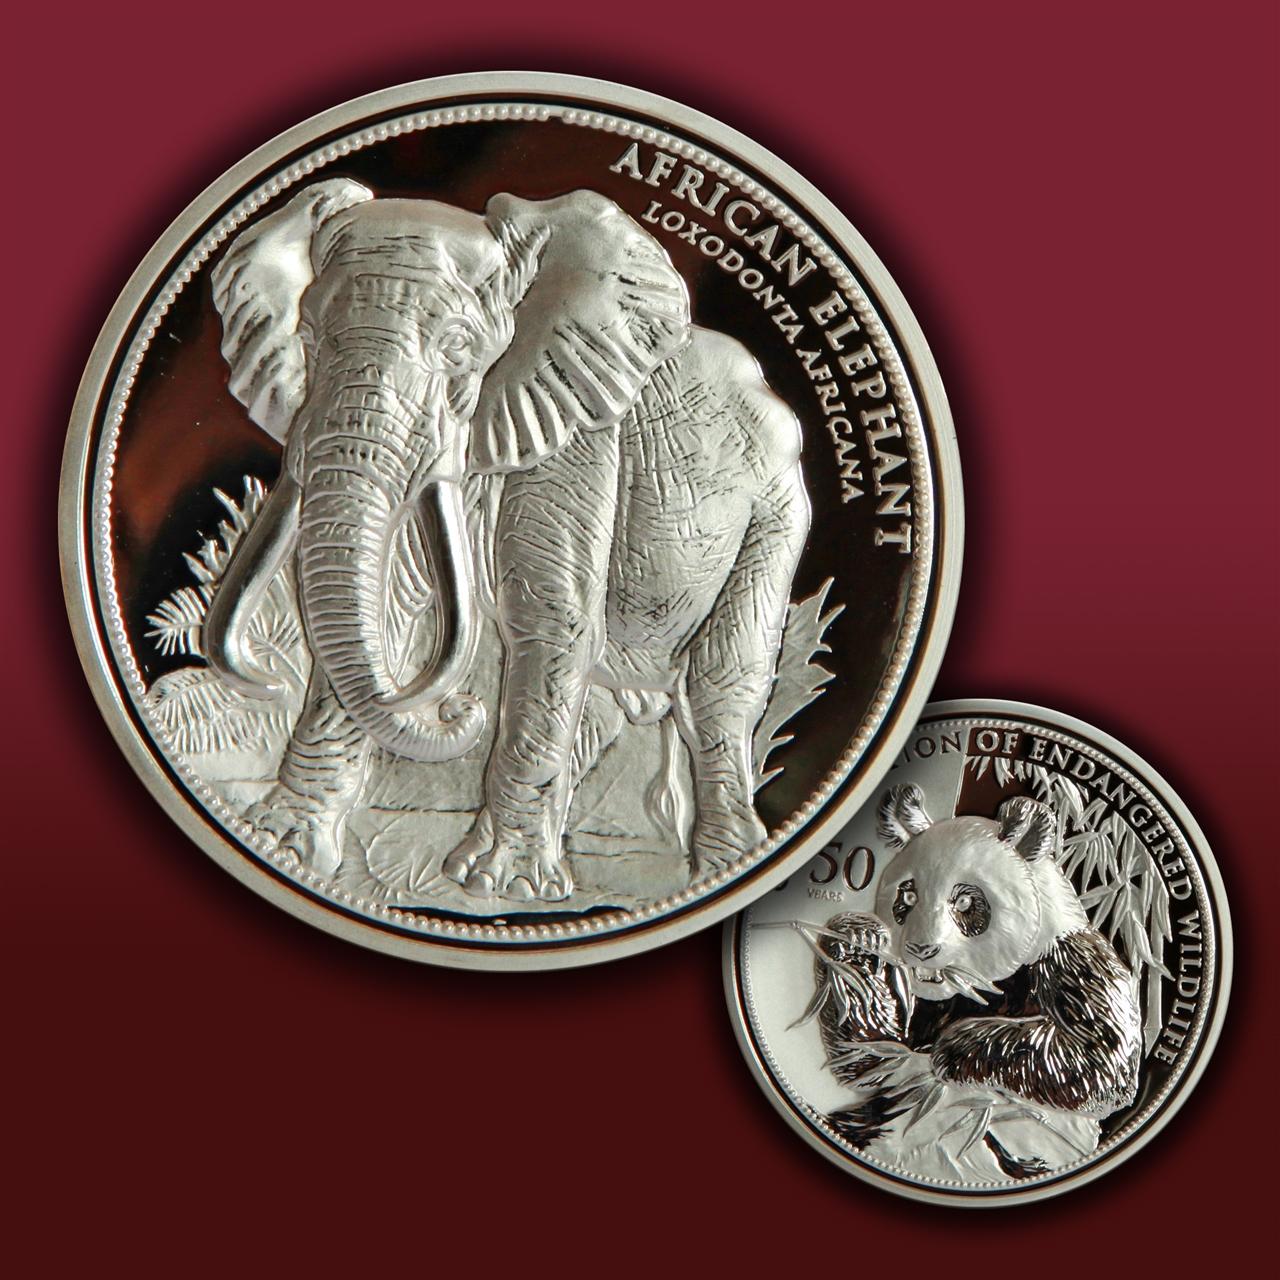 碗状币-非洲象